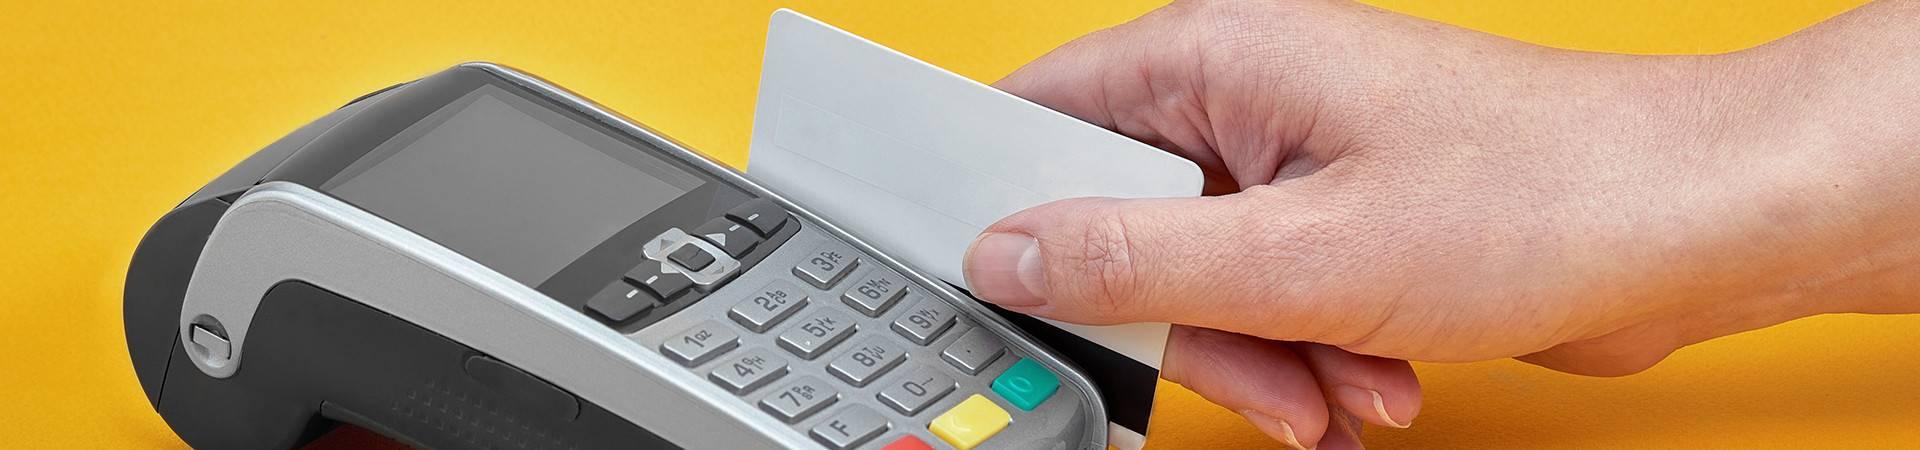 POS տերմինալներով բանկային ծառայությունների անկանխիկ վճարների ընդունում